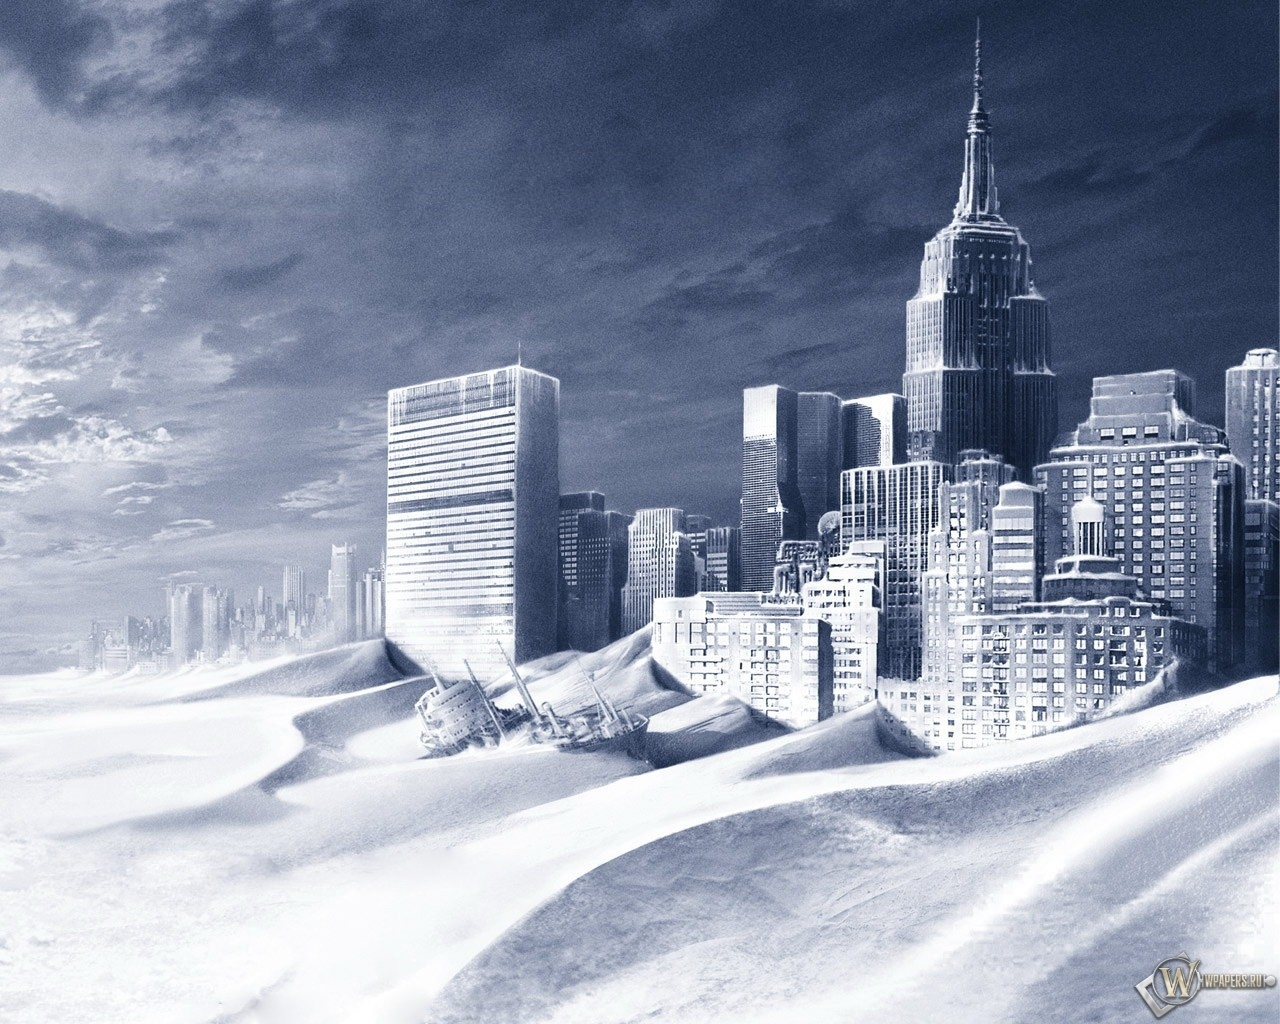 Город песка 1280x1024